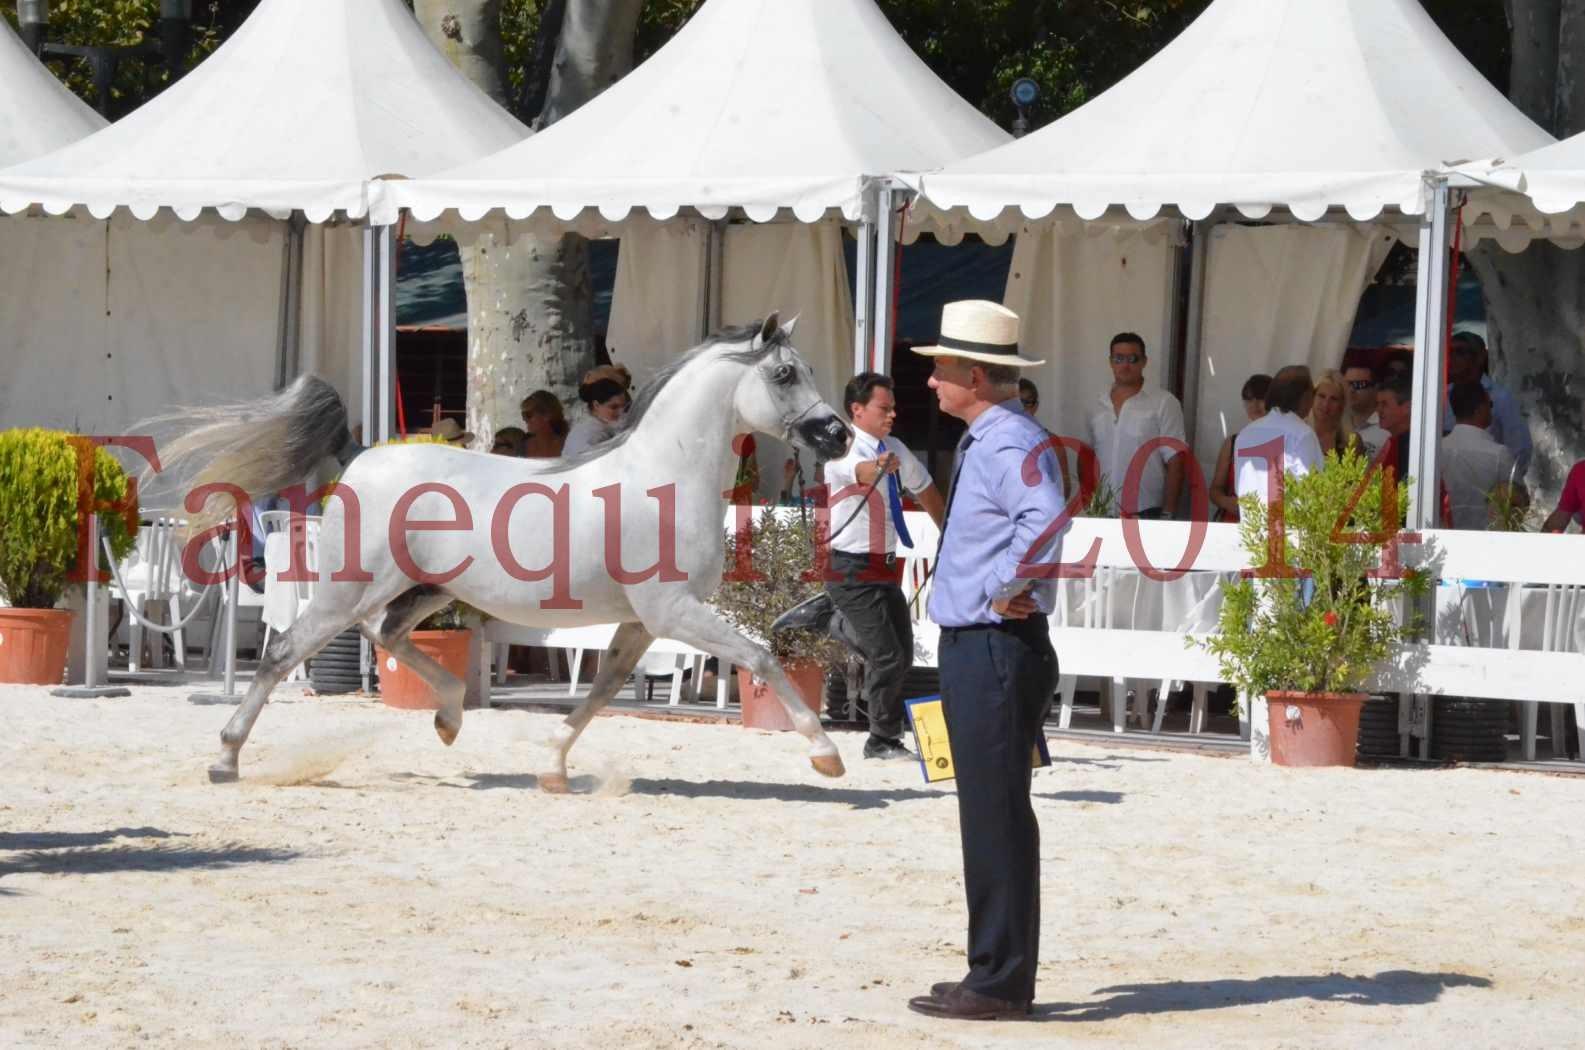 Concours National de Nîmes de chevaux ARABES 2014 - Sélection - SHAOLIN DE NEDJAIA - 02